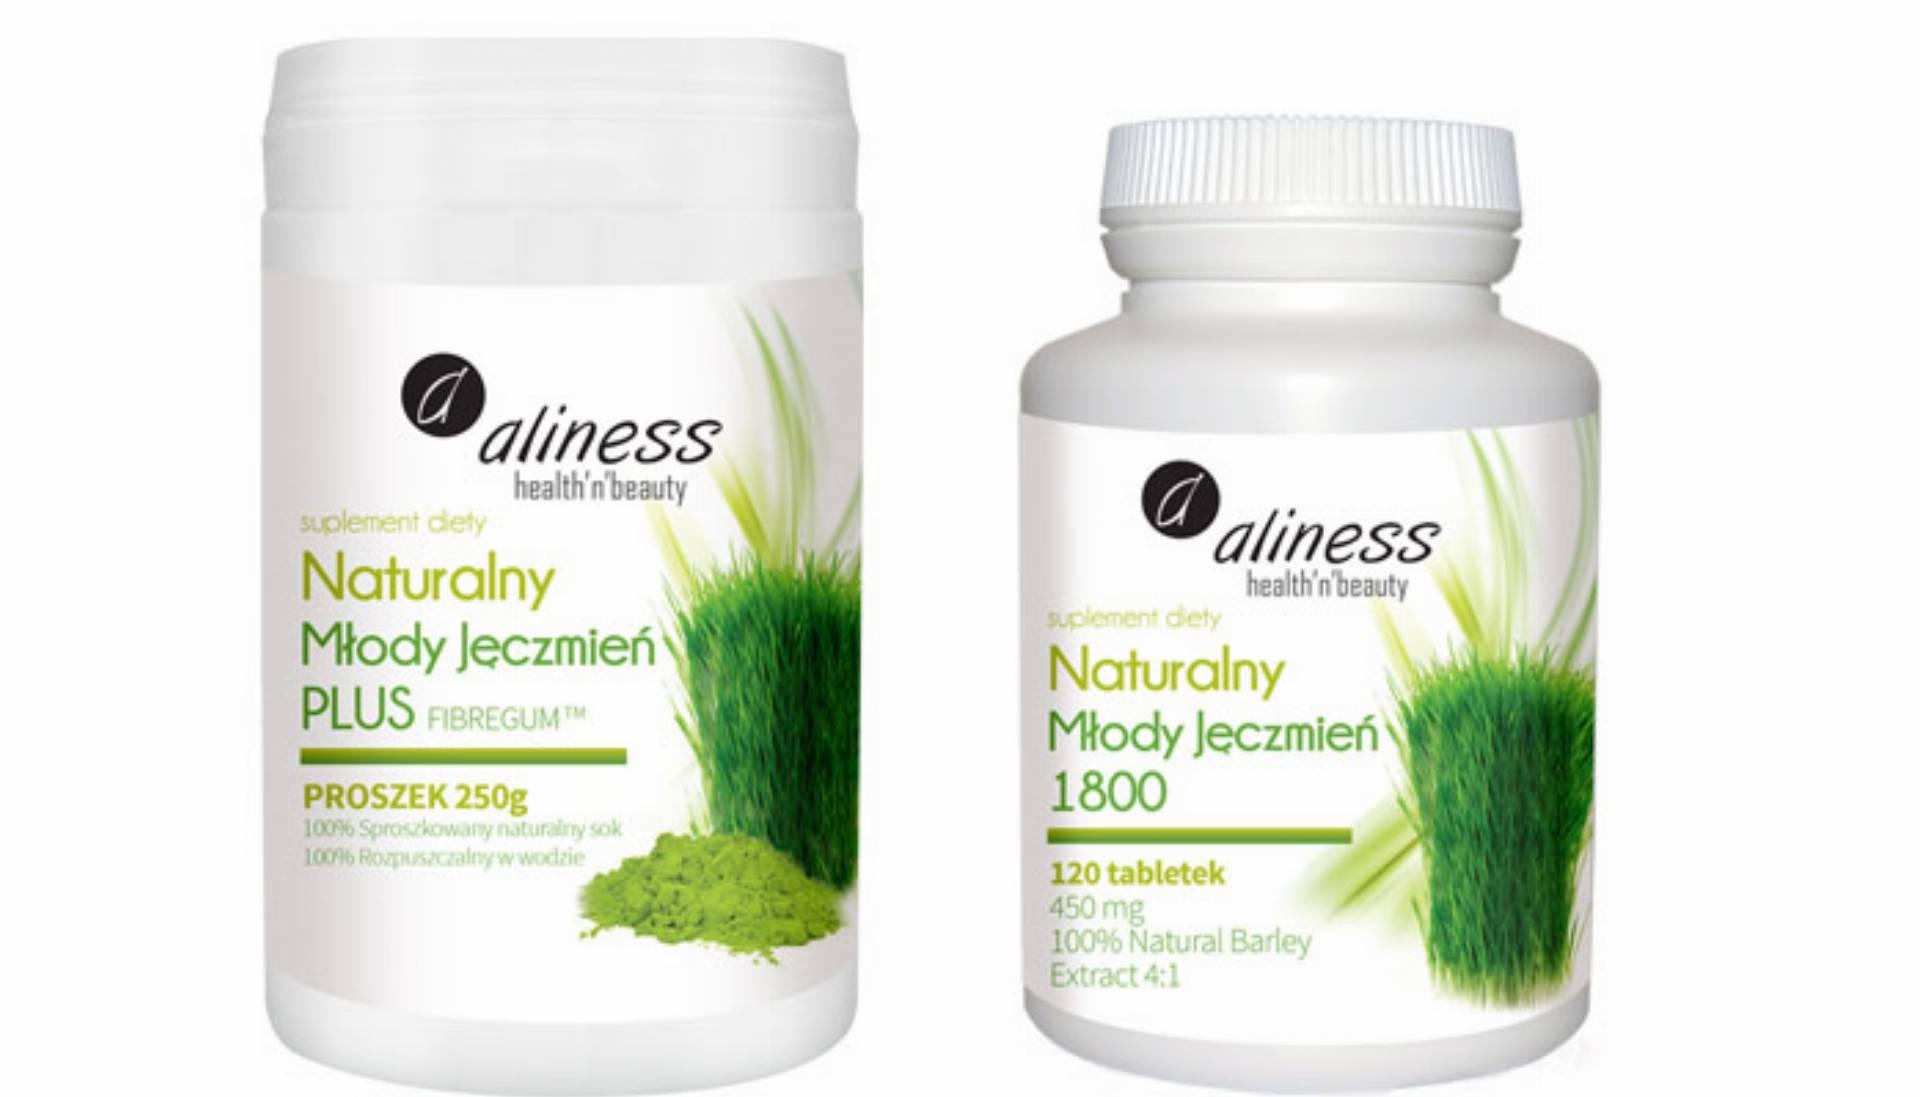 zielony-jęczmień-aliness